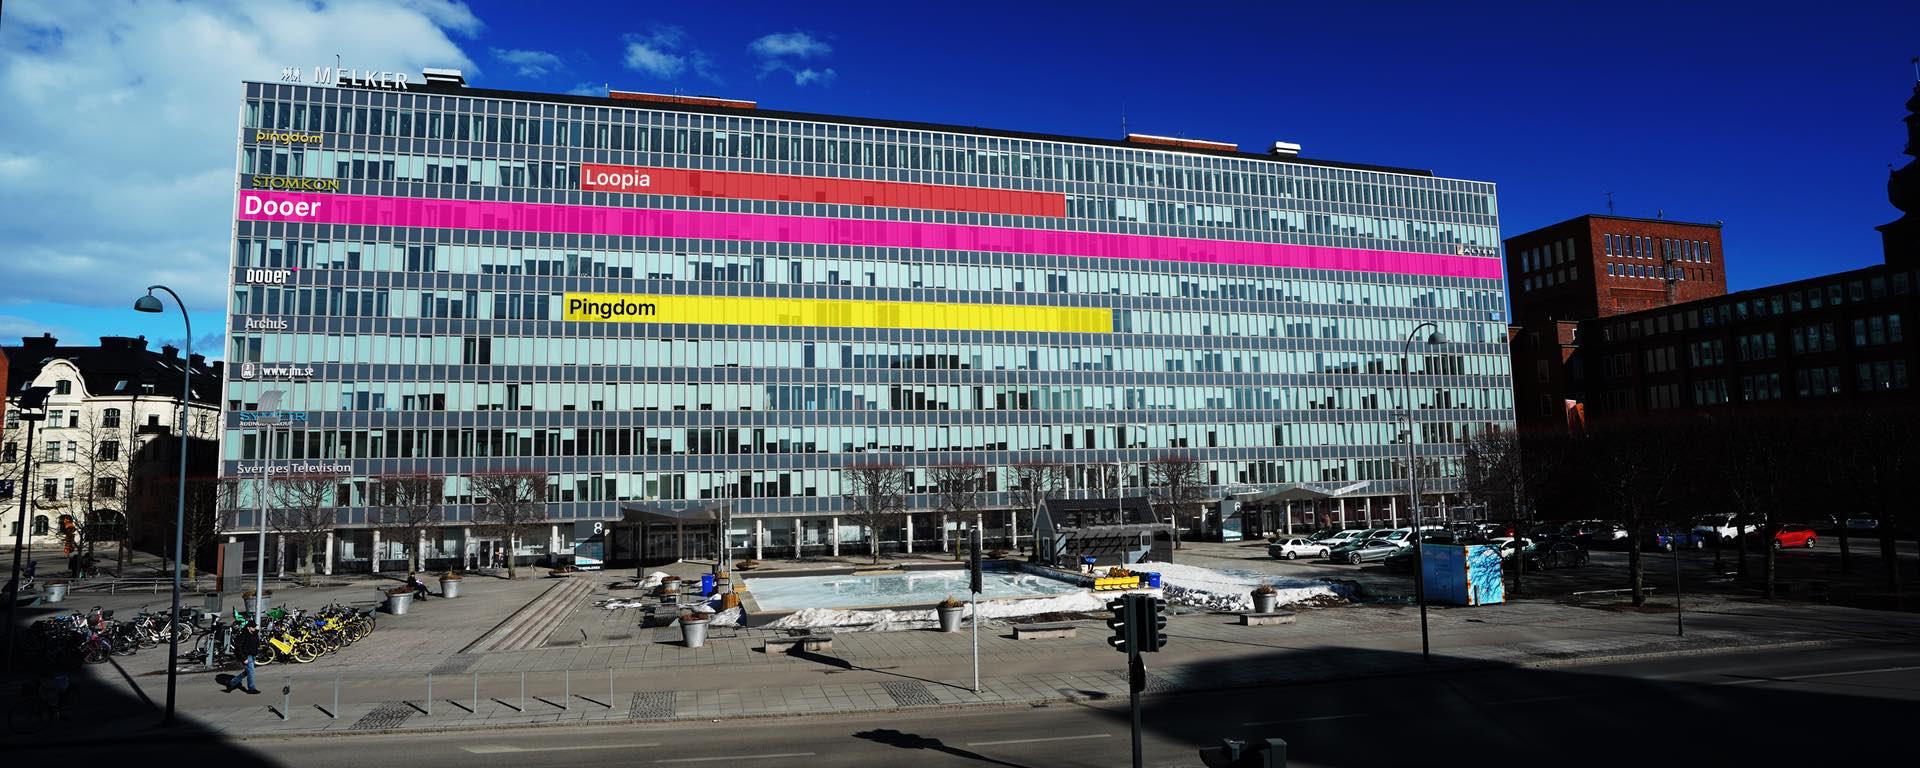 Melkerhuset i Västerås med utmarkerade kontor för Loopia, Pingdom och Dooer.